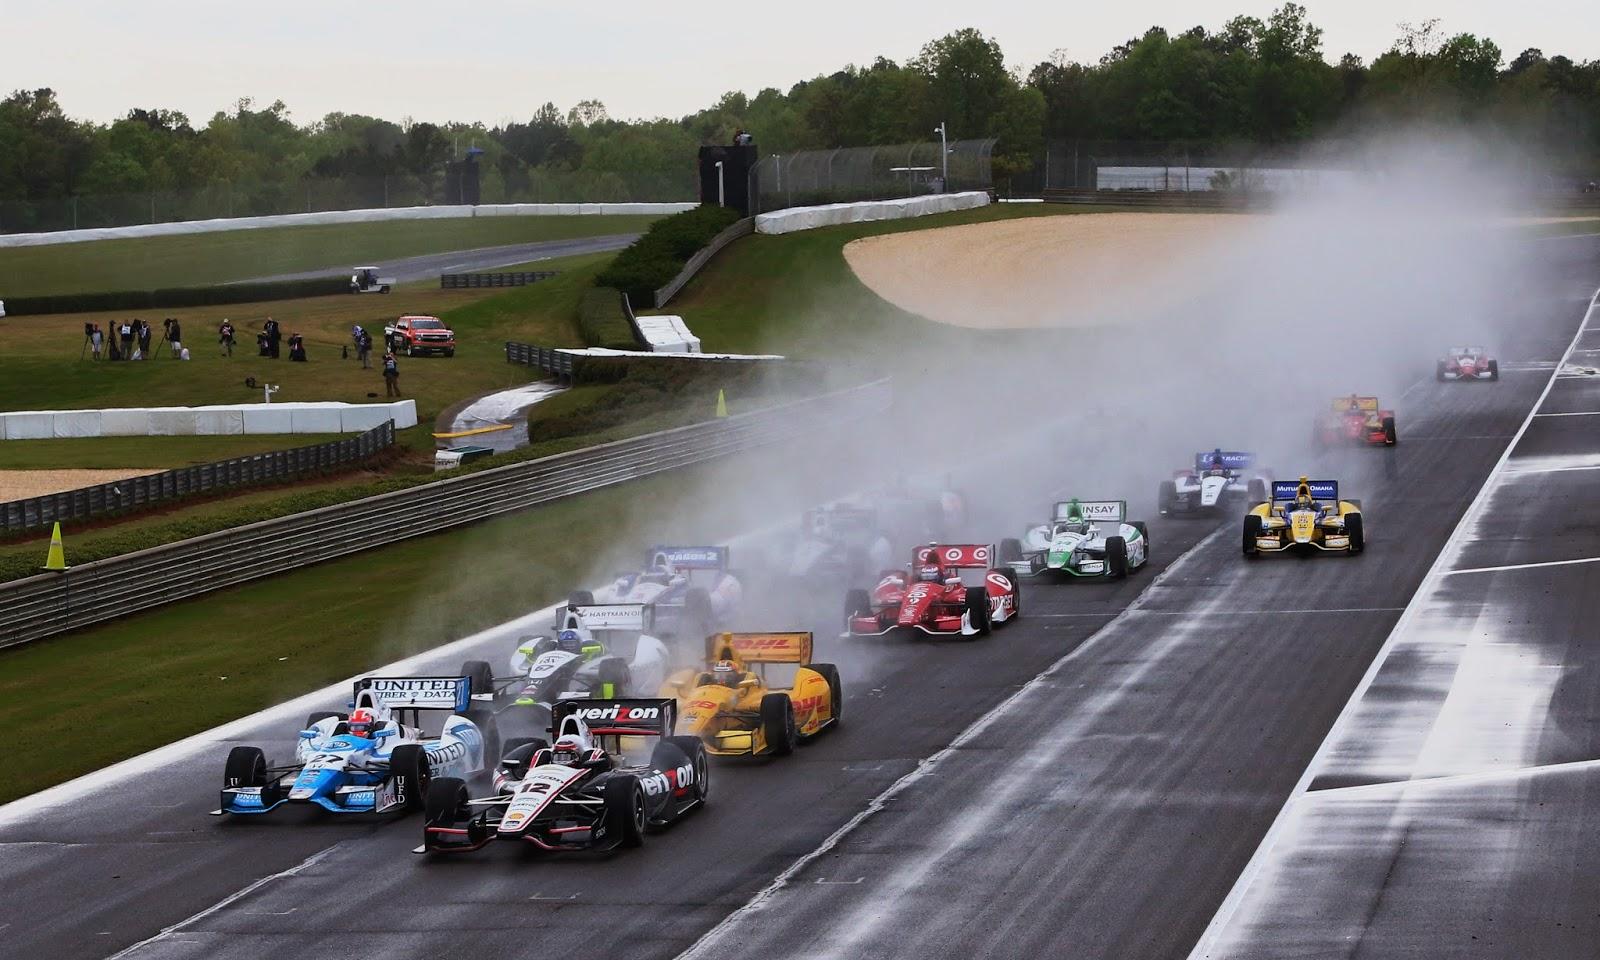 Circuito Barber : Barber motorsports park un circuito conocido por todos indycar